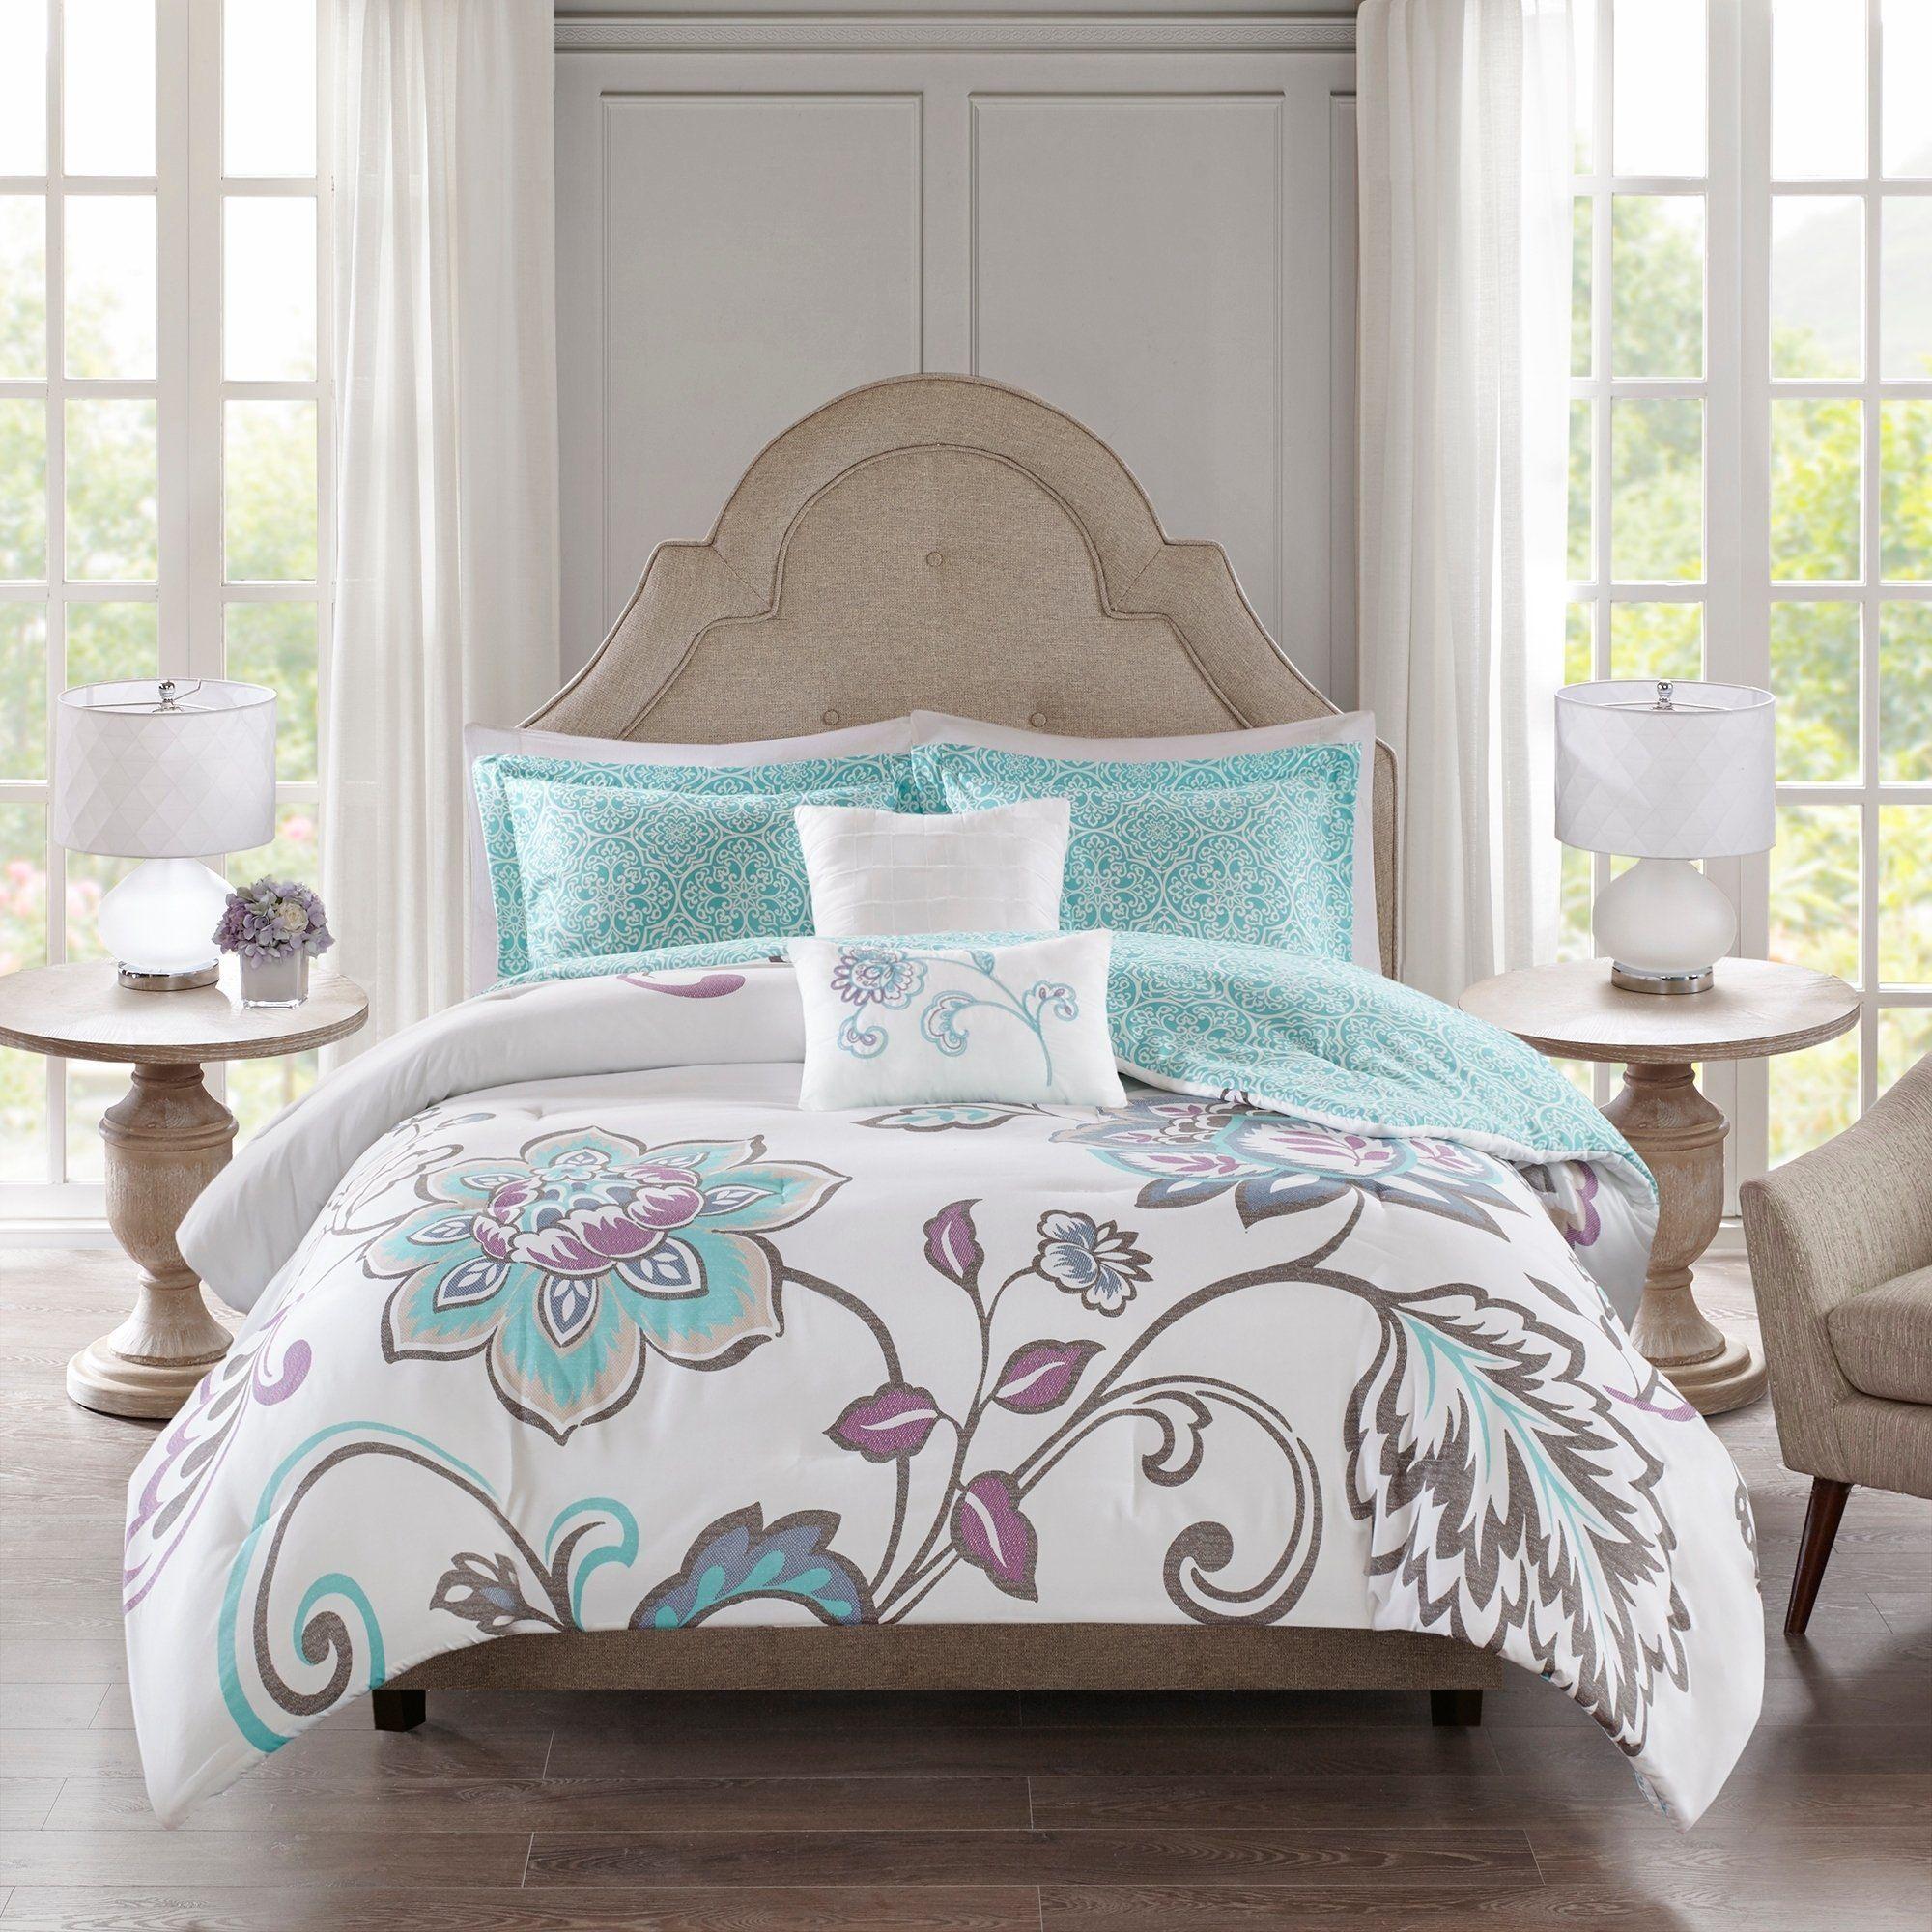 510 Design Gratia Aqua 5 Piece Reversible Print Comforter